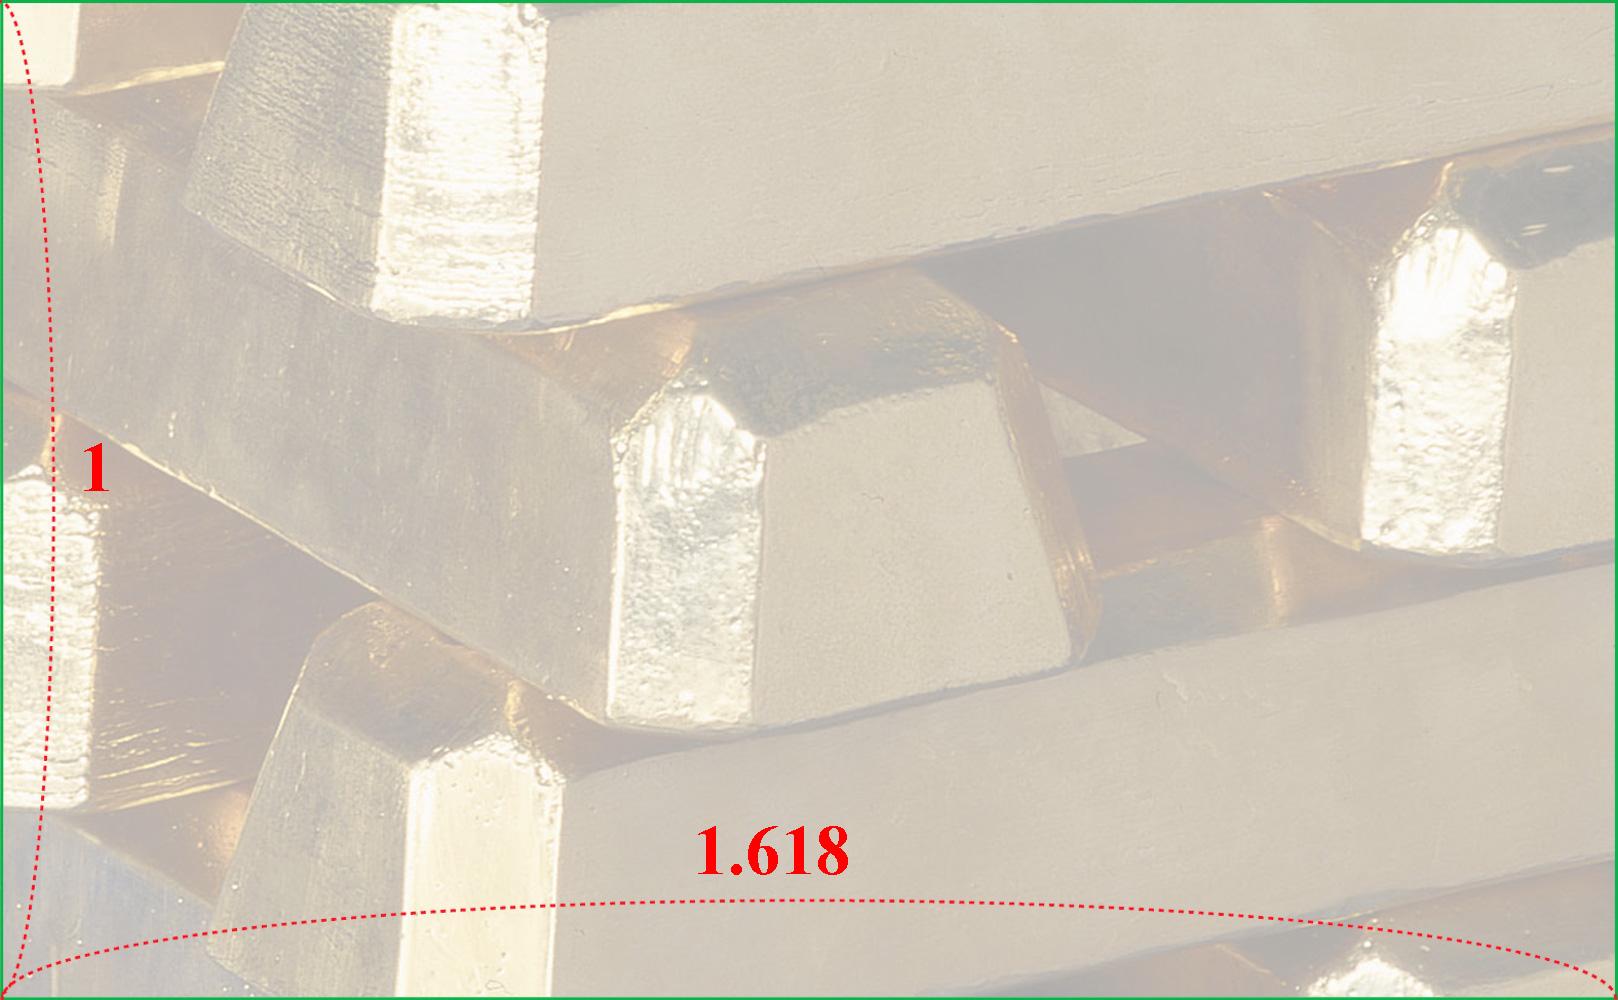 黄金比って何?「人間に刻まれた美的感覚」の画像 2/14